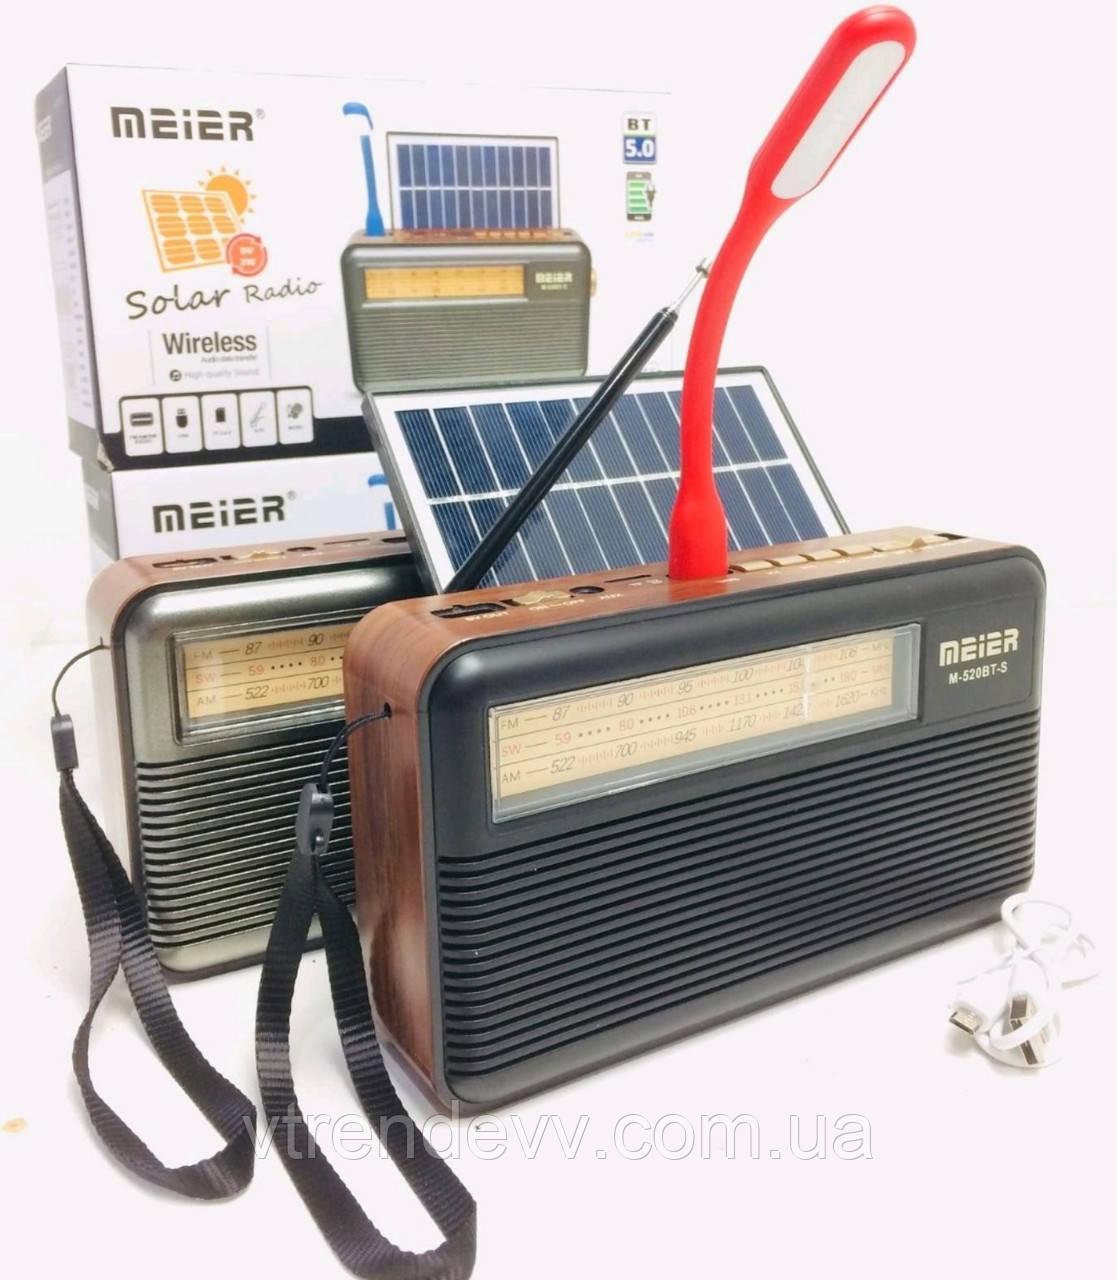 Радіоприймач колонка з сонячною панеллю Meier MD-520BT-S Bluetooth